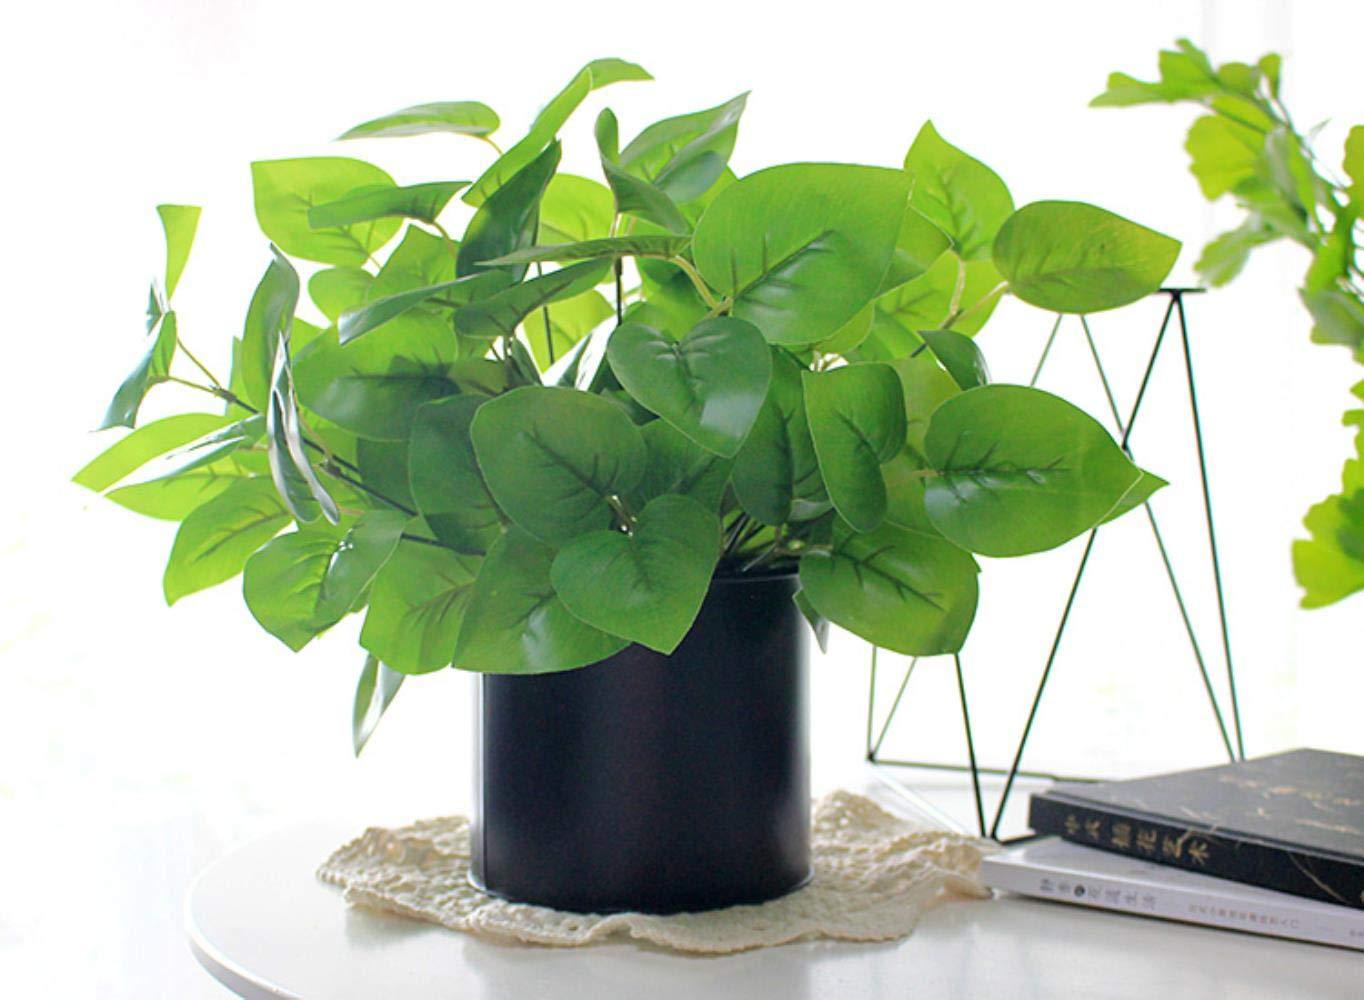 SUXIAO Planta Verde Ramo de árbol Begonia Artificial Hoja Planta Material de Pared Plástico Césped para decoración del…